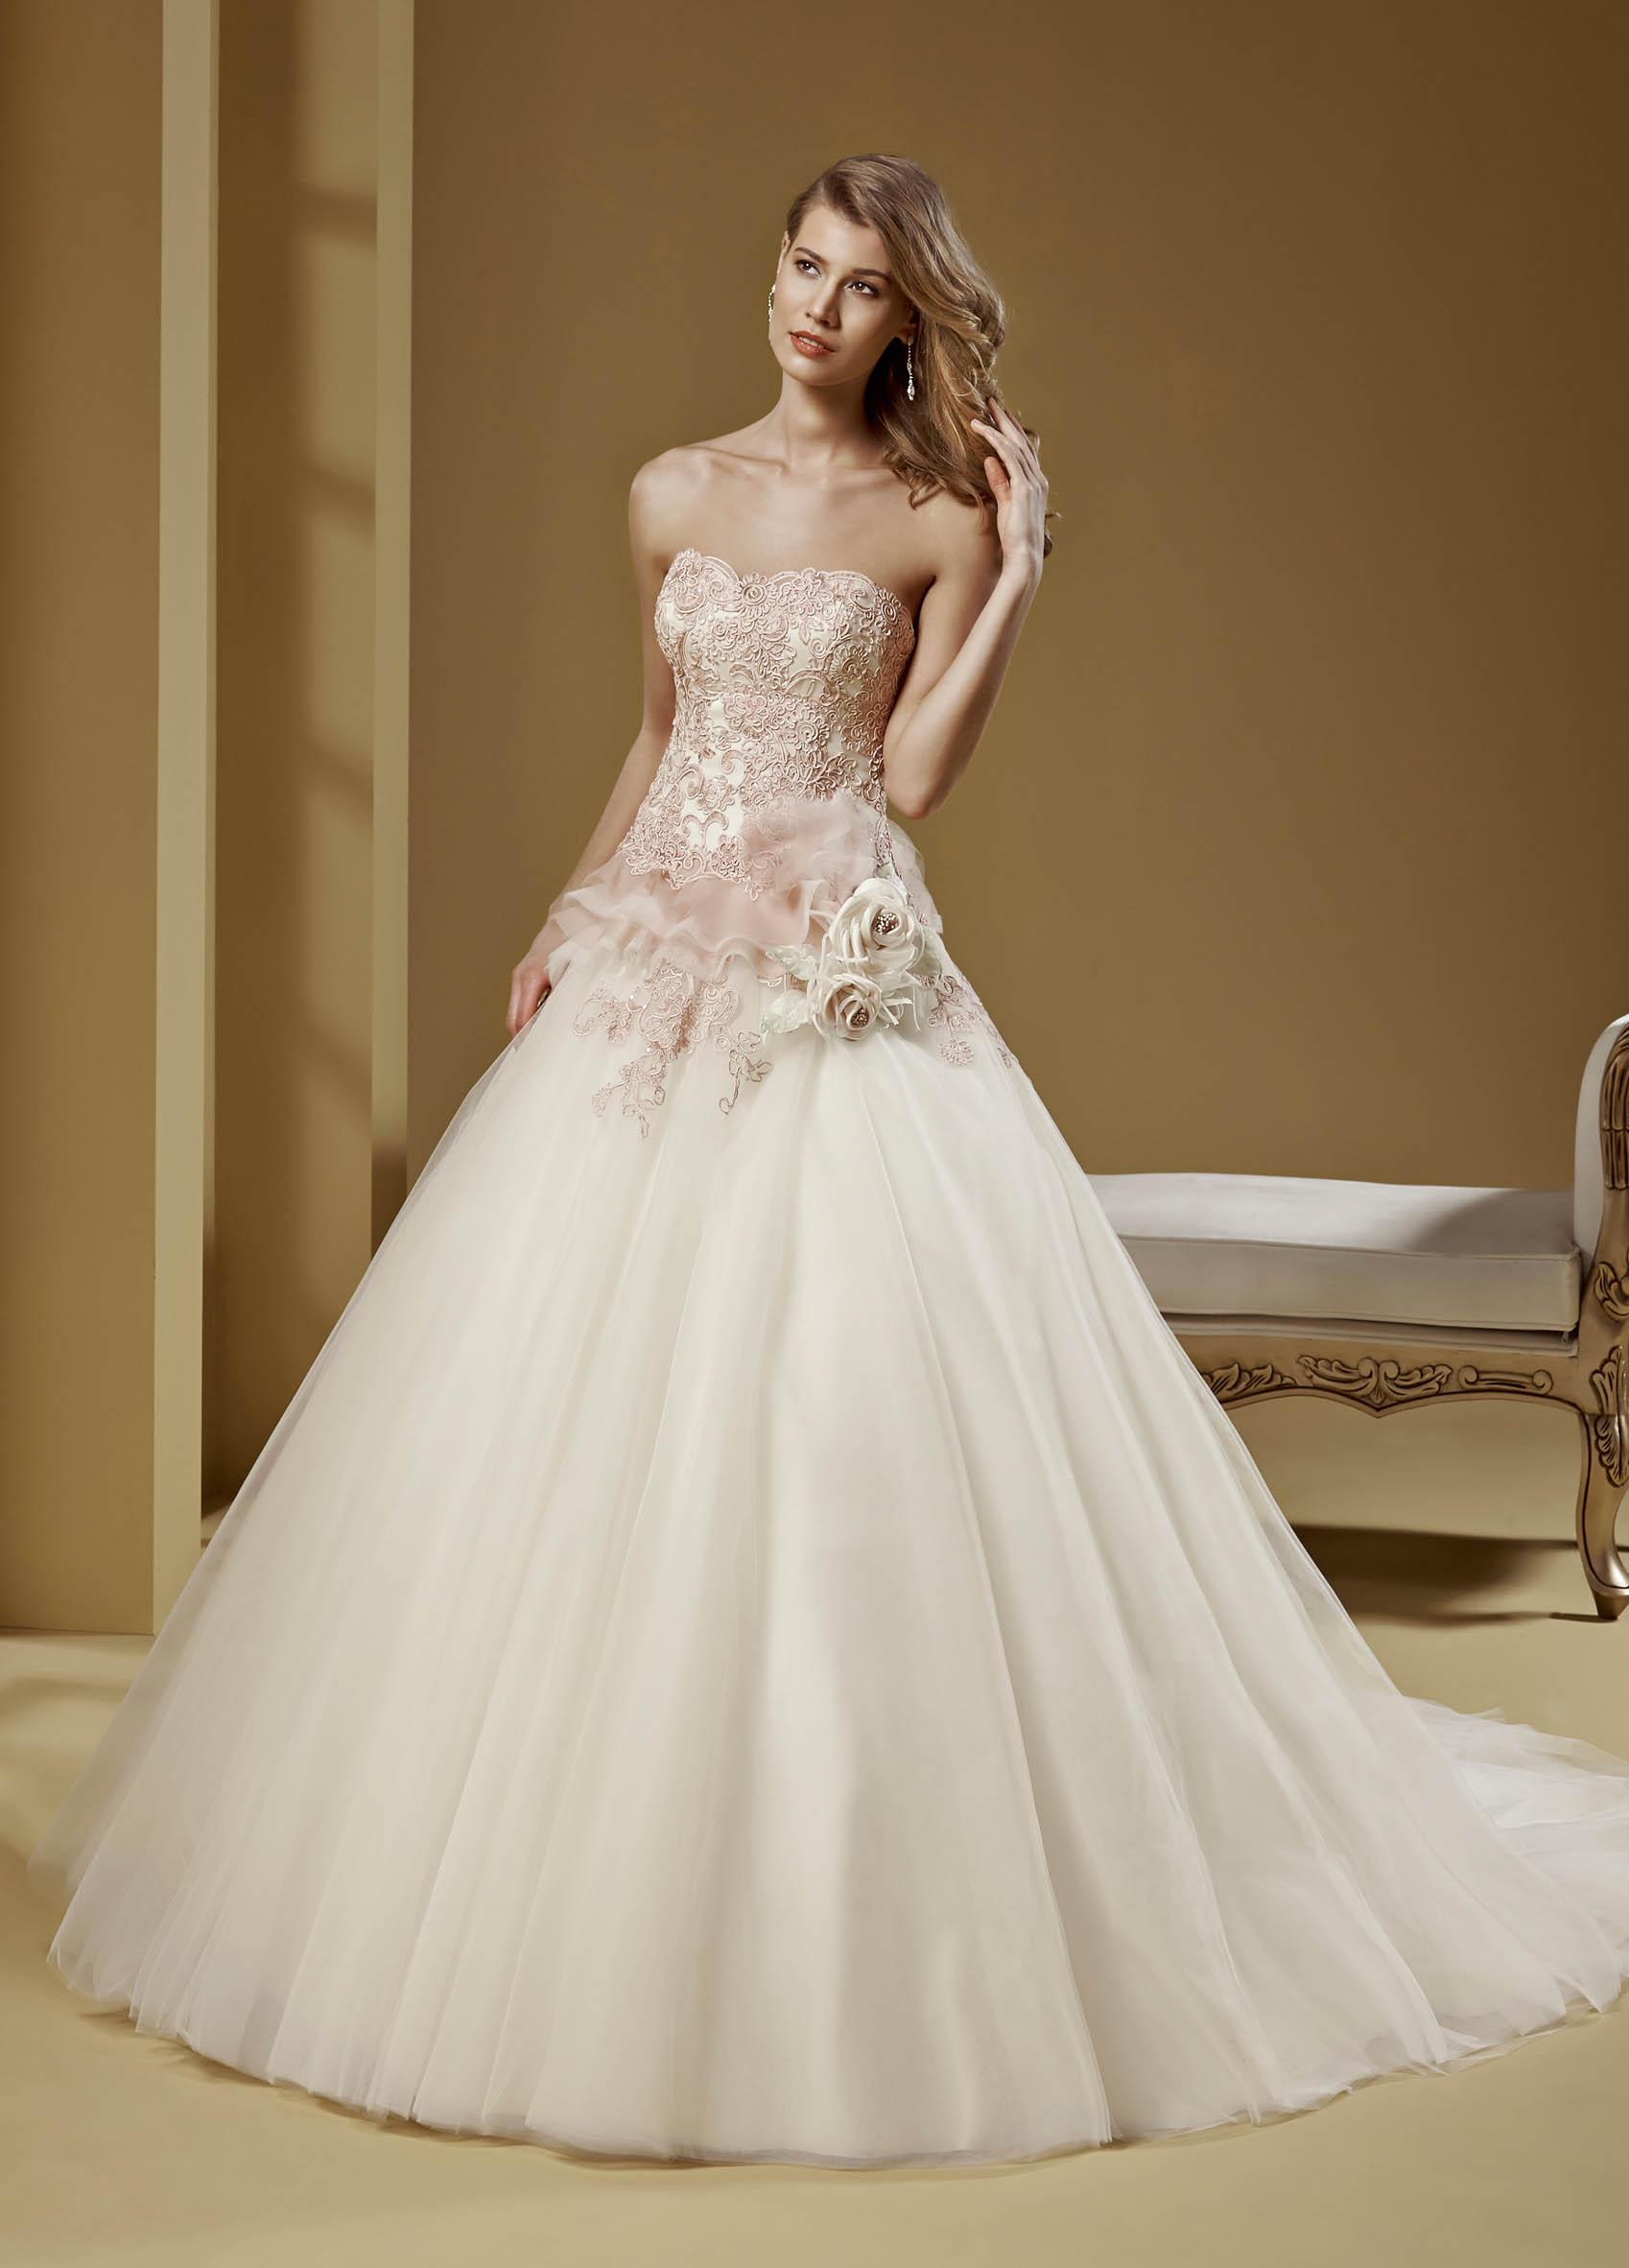 Abiti Da Sposa Boutique 70 Foggia.Romance Bridal Collection 2015 Nicole Fashion Group